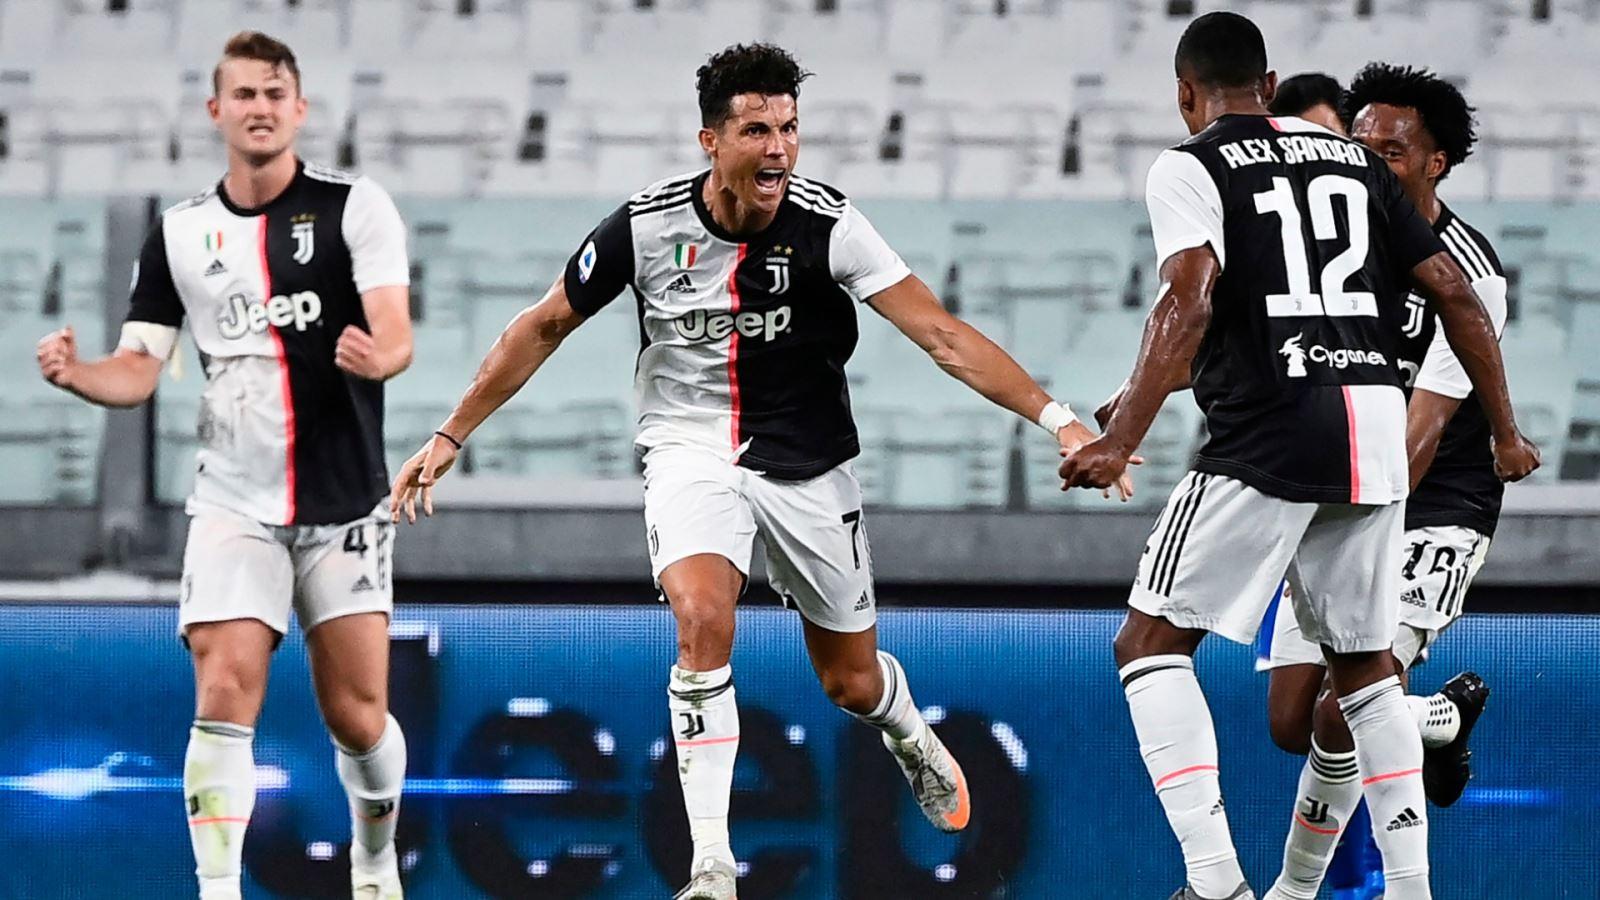 Juventus 2-0 Sampdoria: Ronaldo tỏa sáng, Juve vô địch Serie A lần thứ 9 liên tiếp